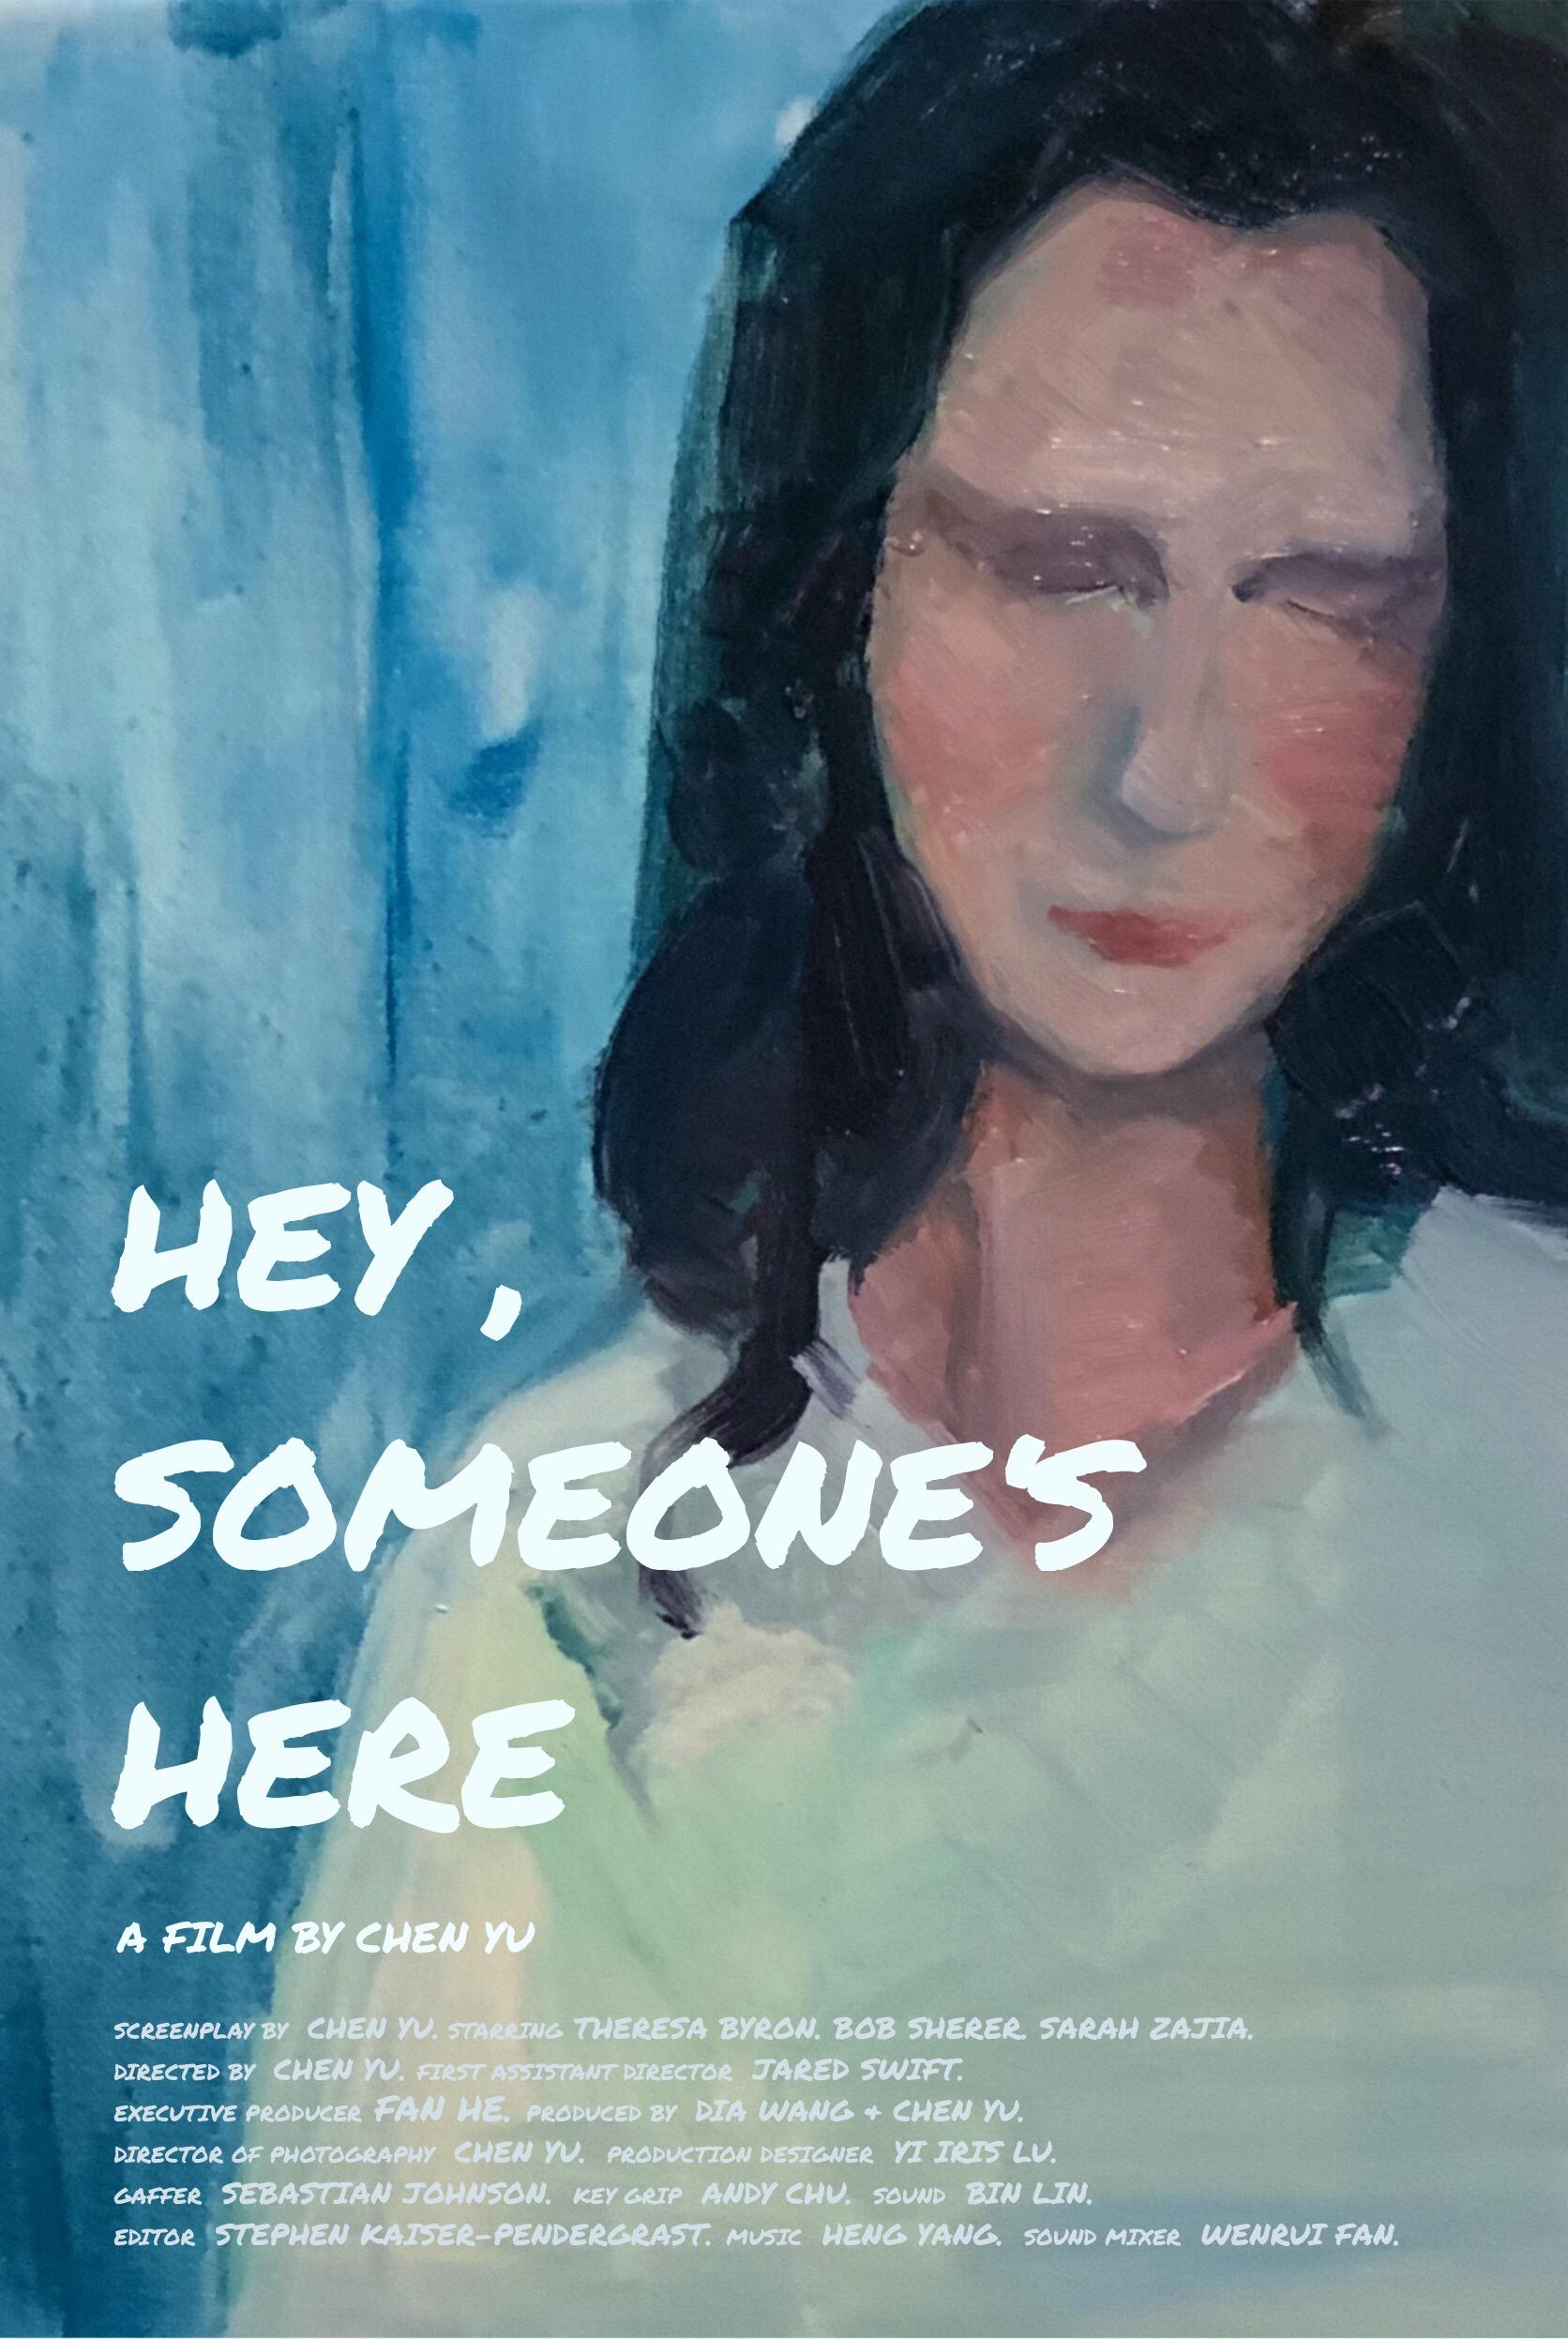 Hey, Someone's Here